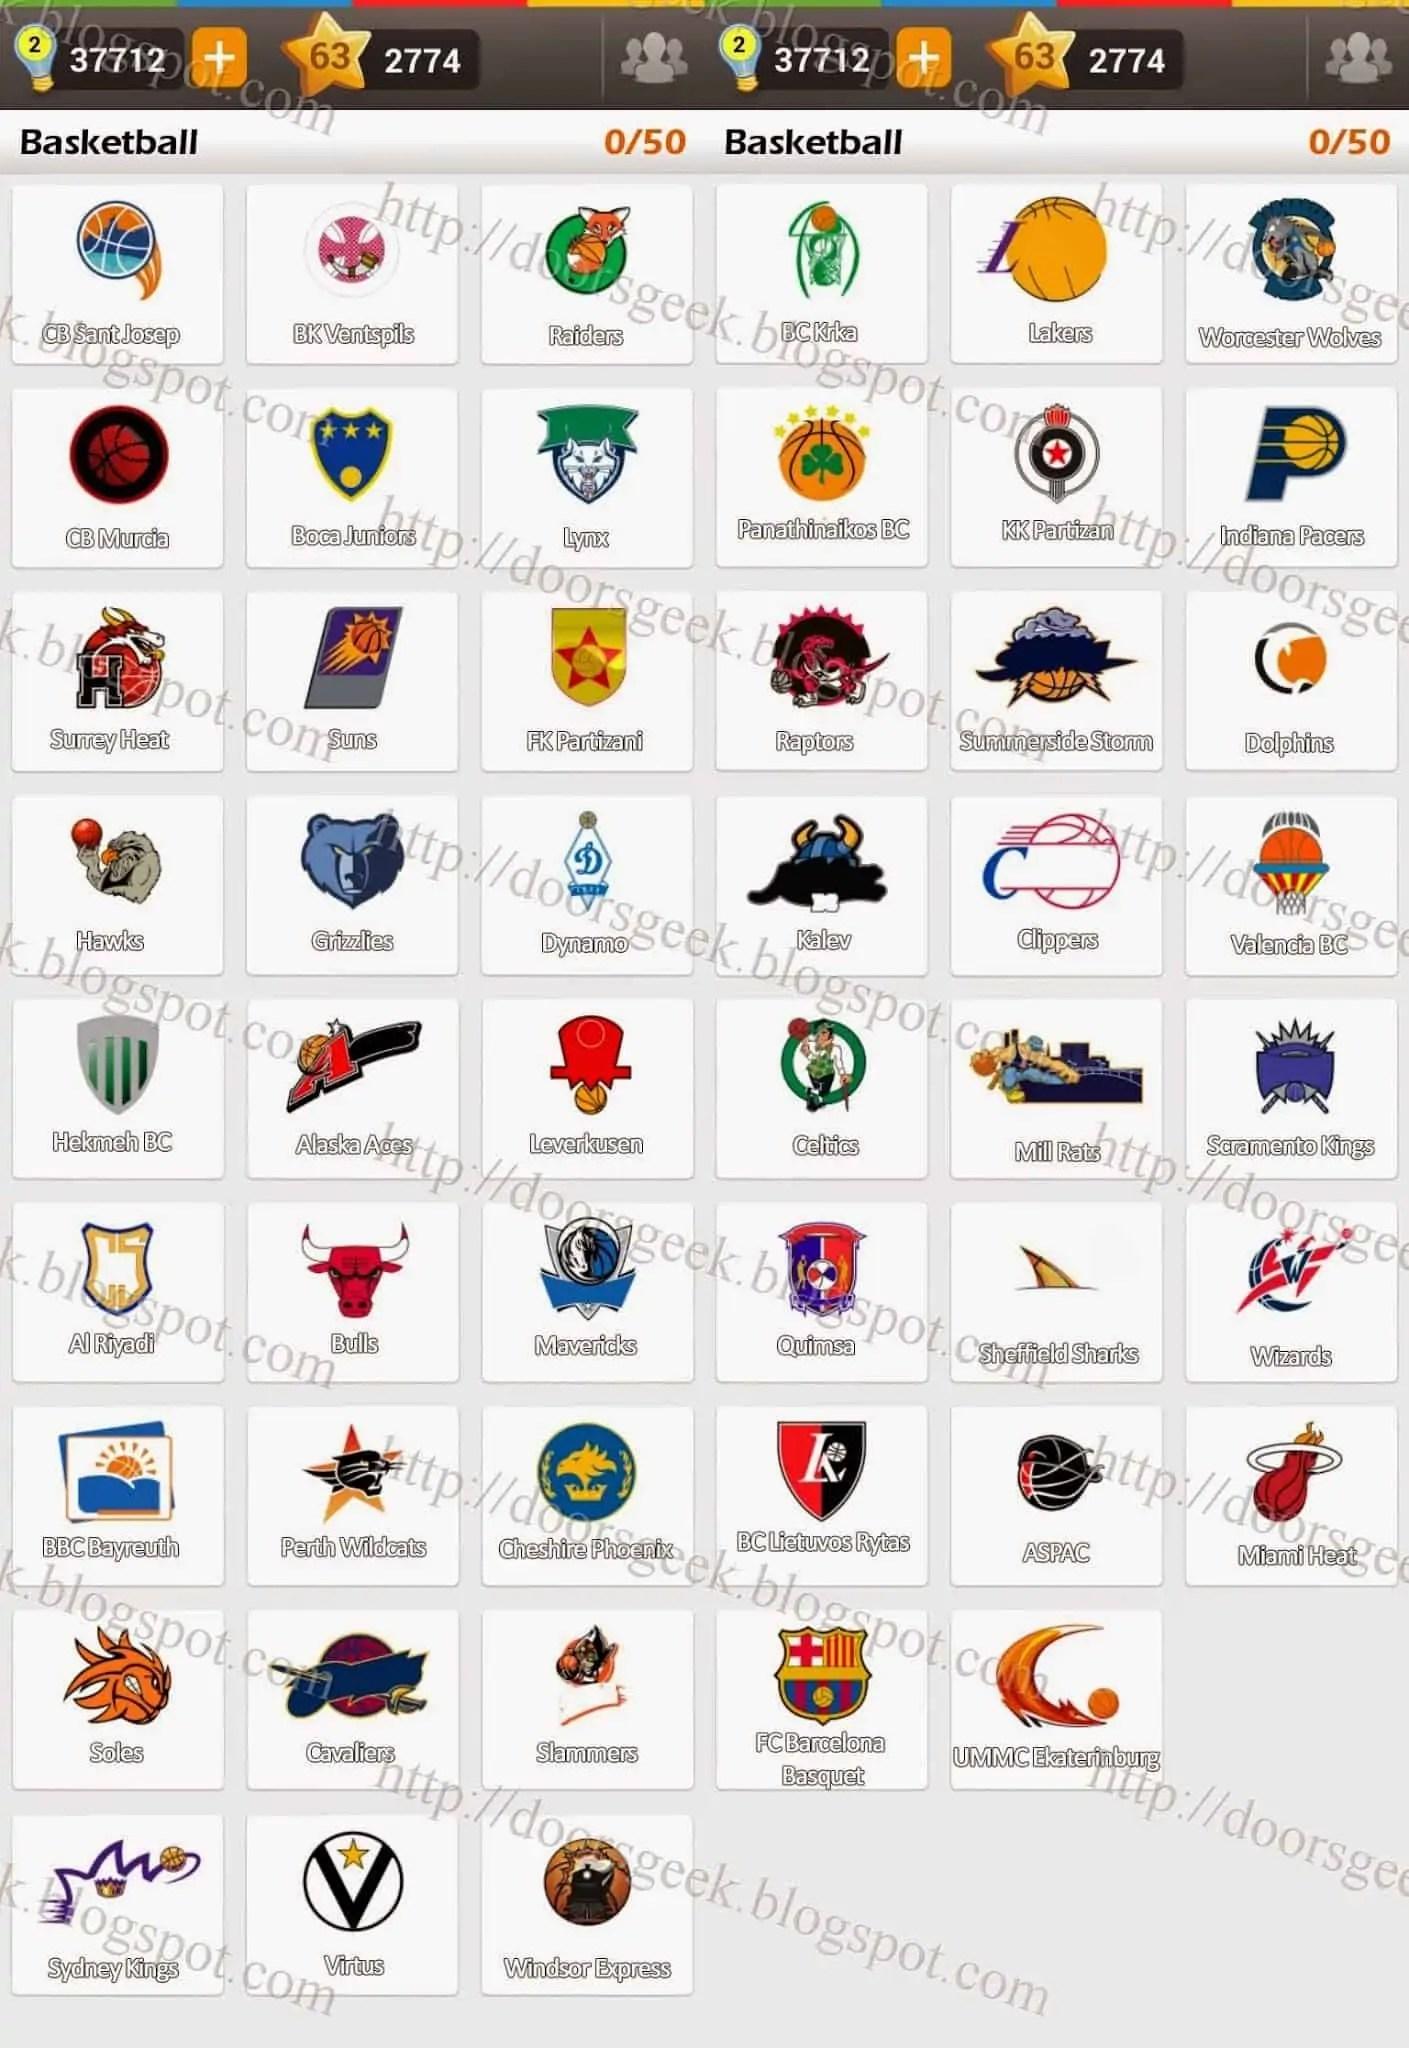 Le Soluzioni Di Logo Game Indovina Il Marchio Pacchetto Logos Aggiuntive